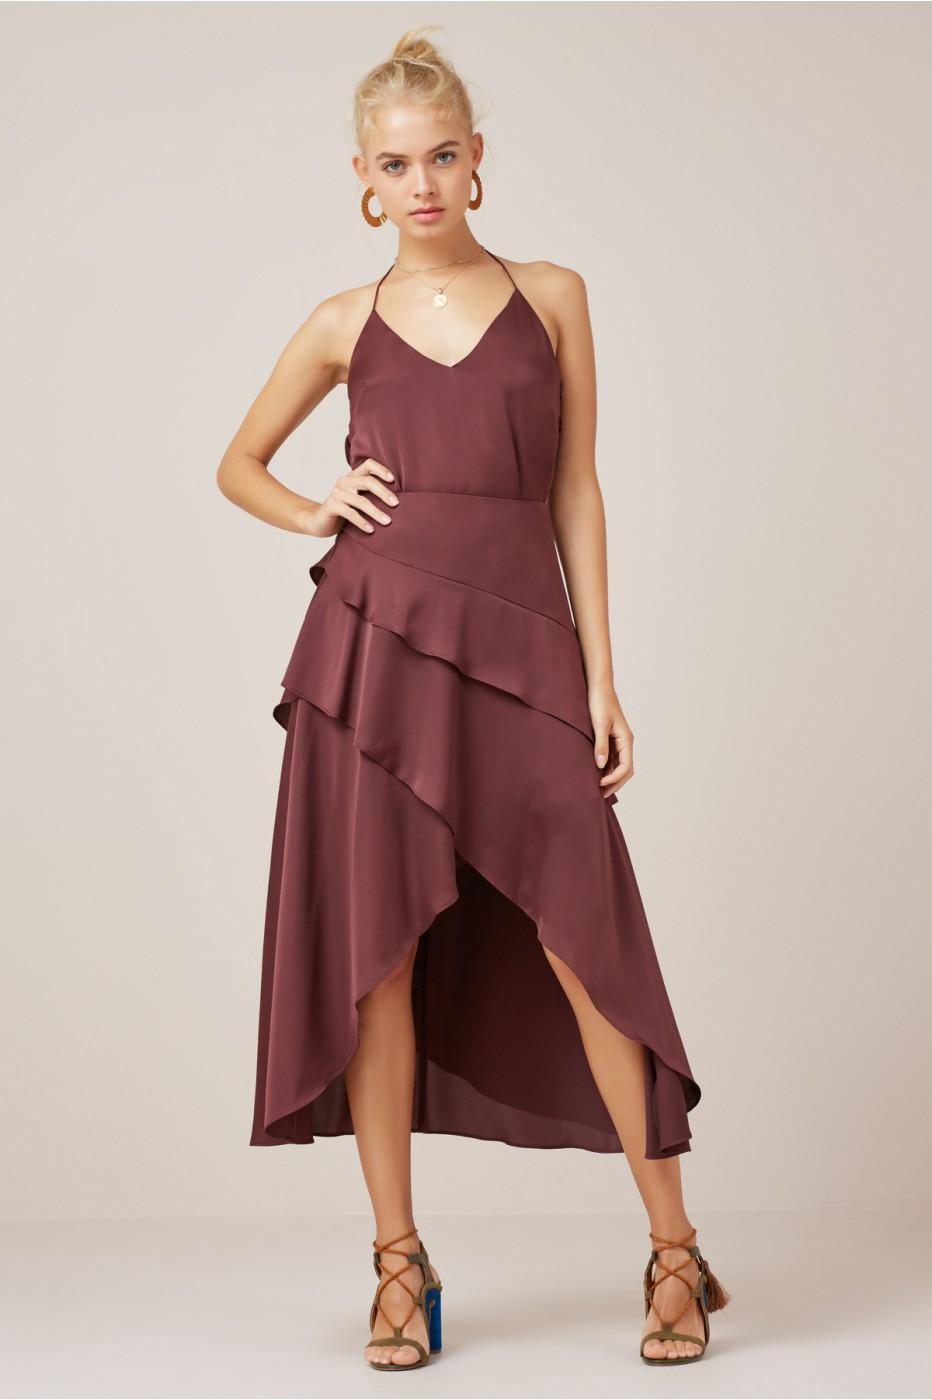 Finders Keepers Seasons Skirt In Plum